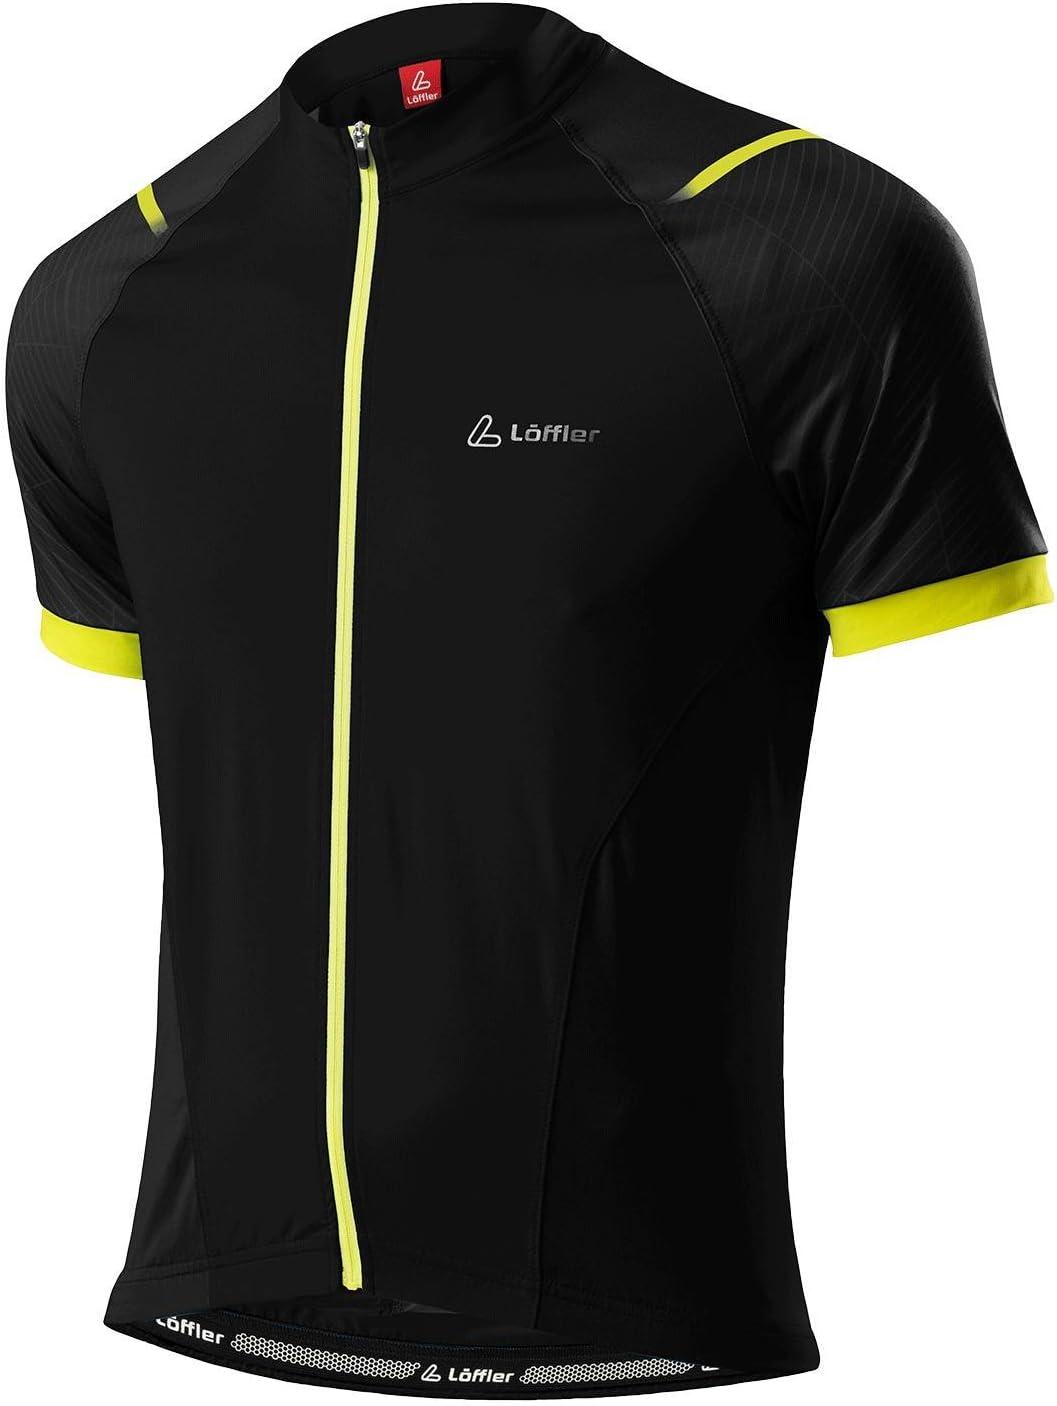 Löffler – Bicicleta de ciclismo Camiseta Bike camiseta como FZ negro amarillo, schwarz/zitrone: Amazon.es: Deportes y aire libre